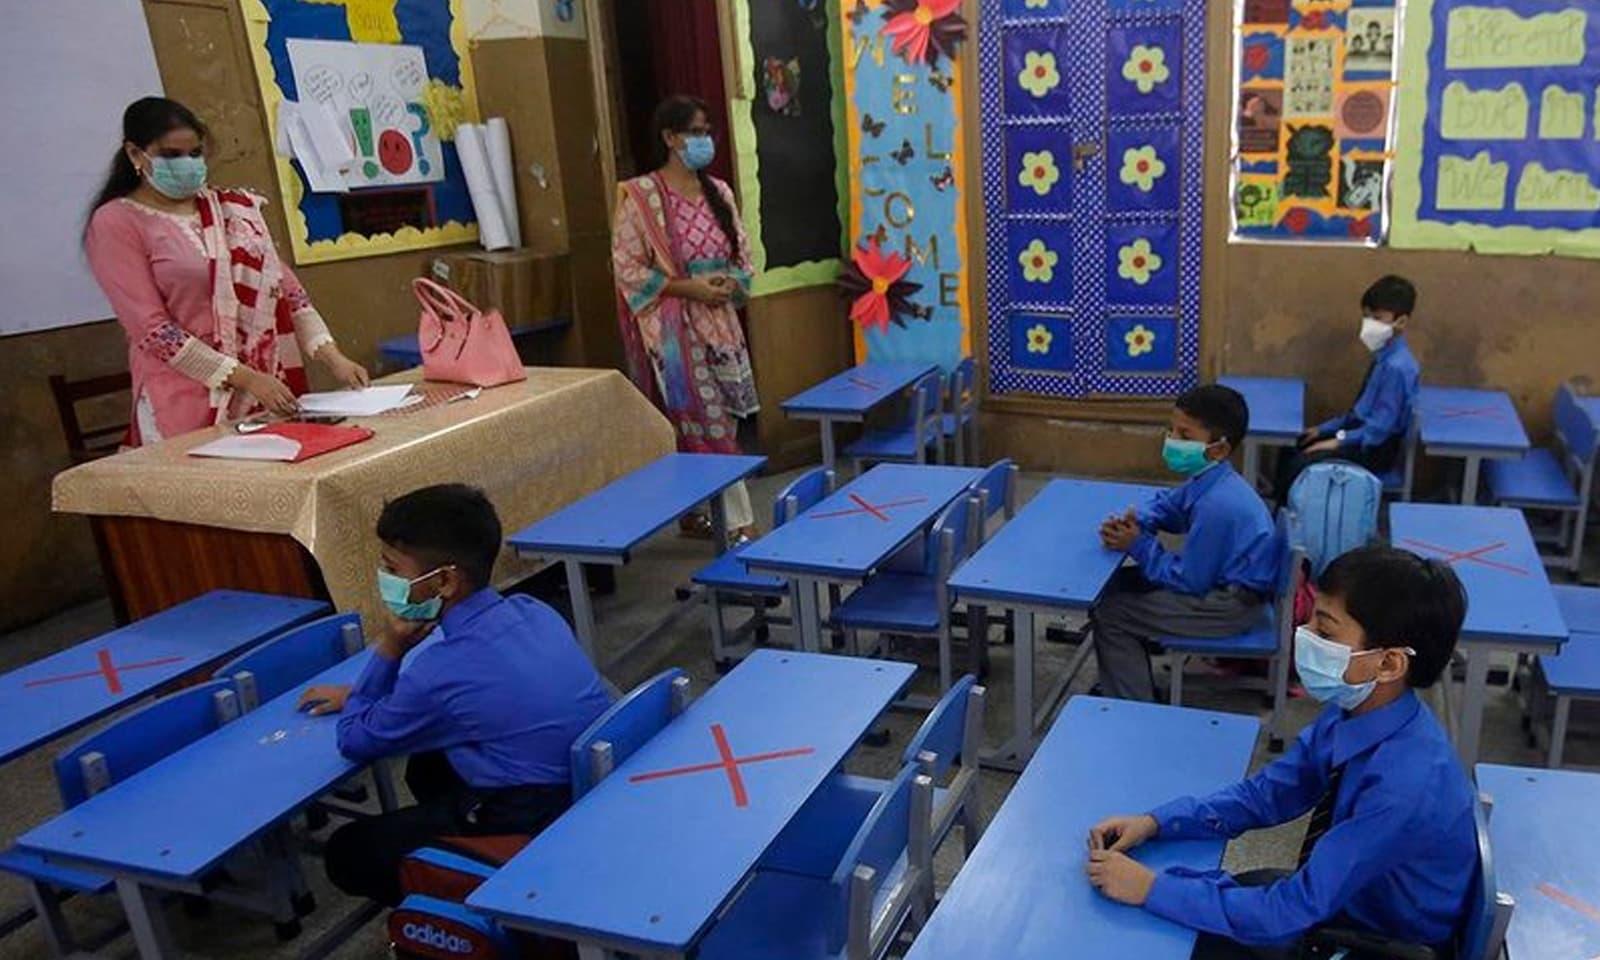 26 فروری کو کورونا وائرس کے پہلے کیس کے بعد سب سے پہلے تعلیمی اداروں کی بندش کا اعلان کیا گیا تھا— فوٹو: اے پی